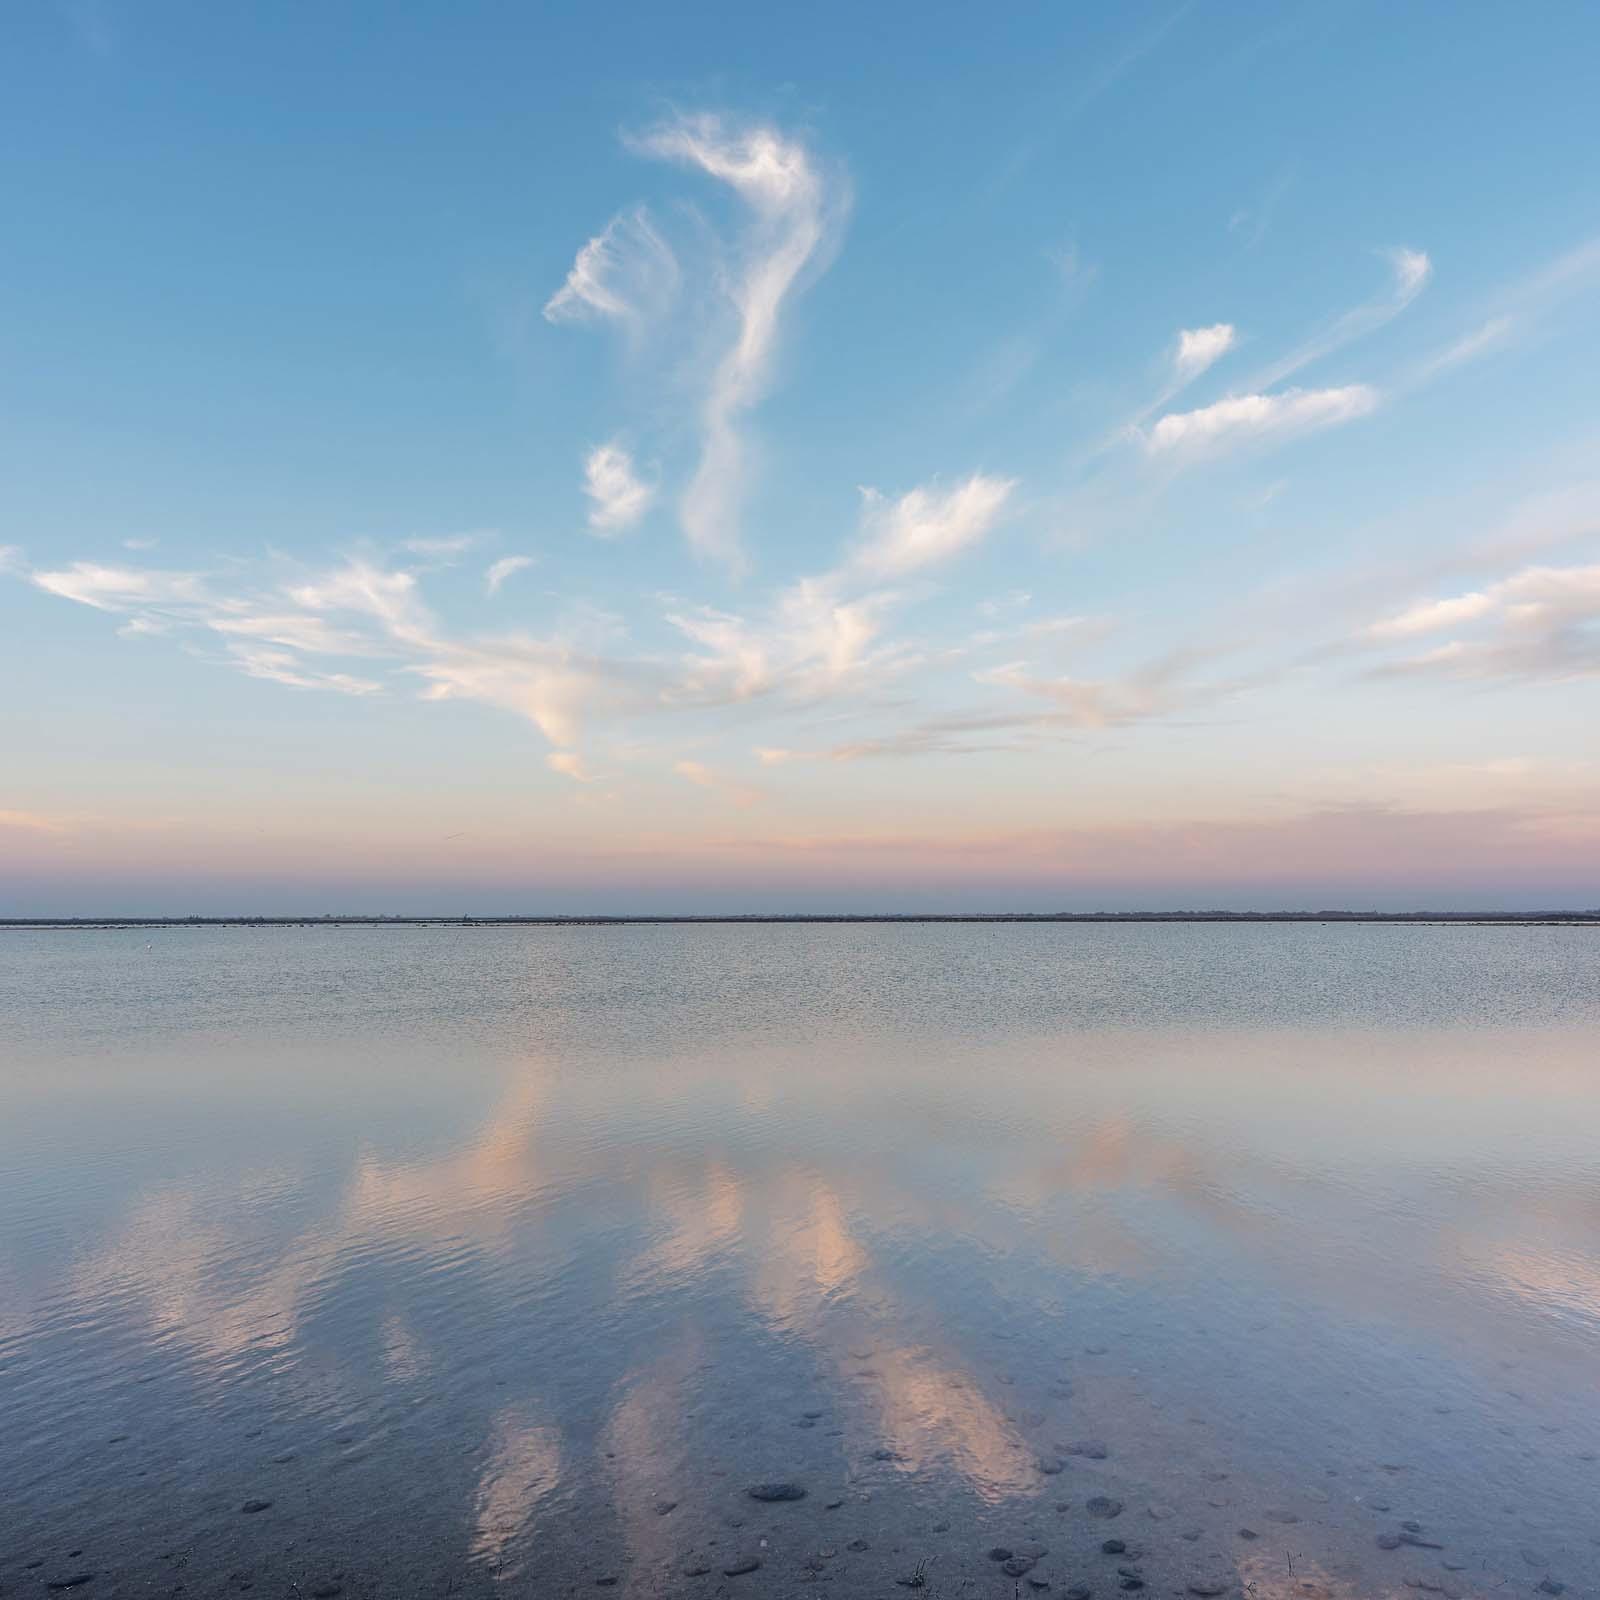 Camargue, Provence: Stille nach dem Sonnenuntergang im Vogelparadies. Einspaltiges Panorama, zusammengesetzt aus 5 Aufnahmen. Originalgröße 100x100 cm | © Reinhard Podolsky